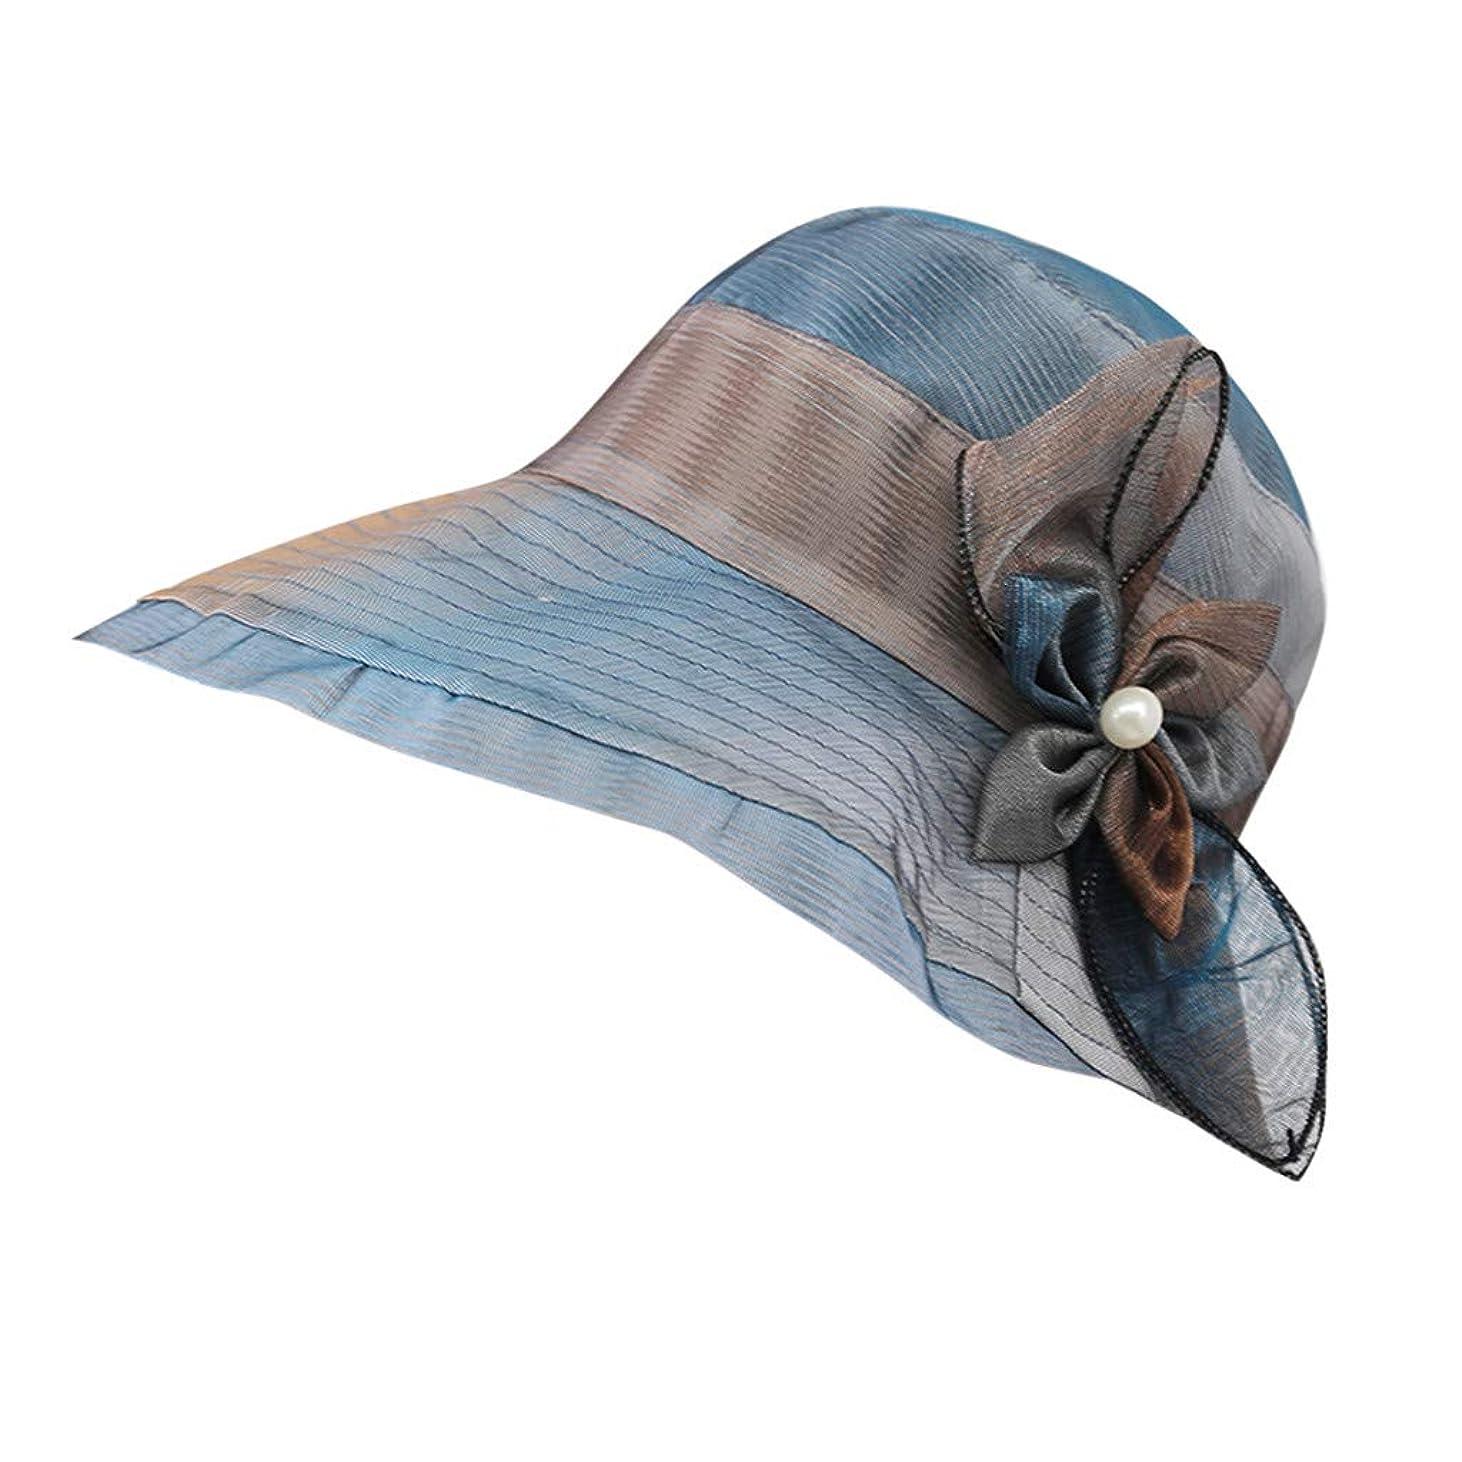 不正直バース地下室ハット レディース UVカット 帽子 レディース 日よけ 帽子 レディース つば広 無地 洗える 紫外線対策 ハット カジュアル 旅行用 日よけ 夏季 女優帽 小顔効果抜群 可愛い 夏季 海 旅行 ROSE ROMAN